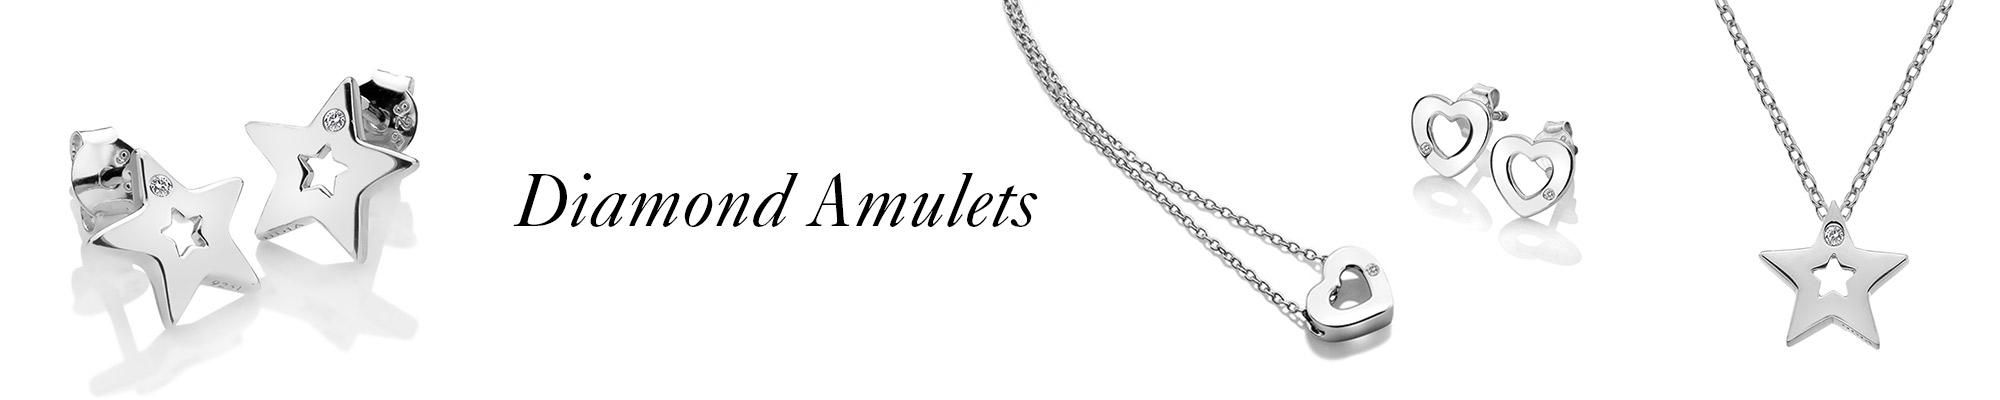 kolekce Diamond Amulets